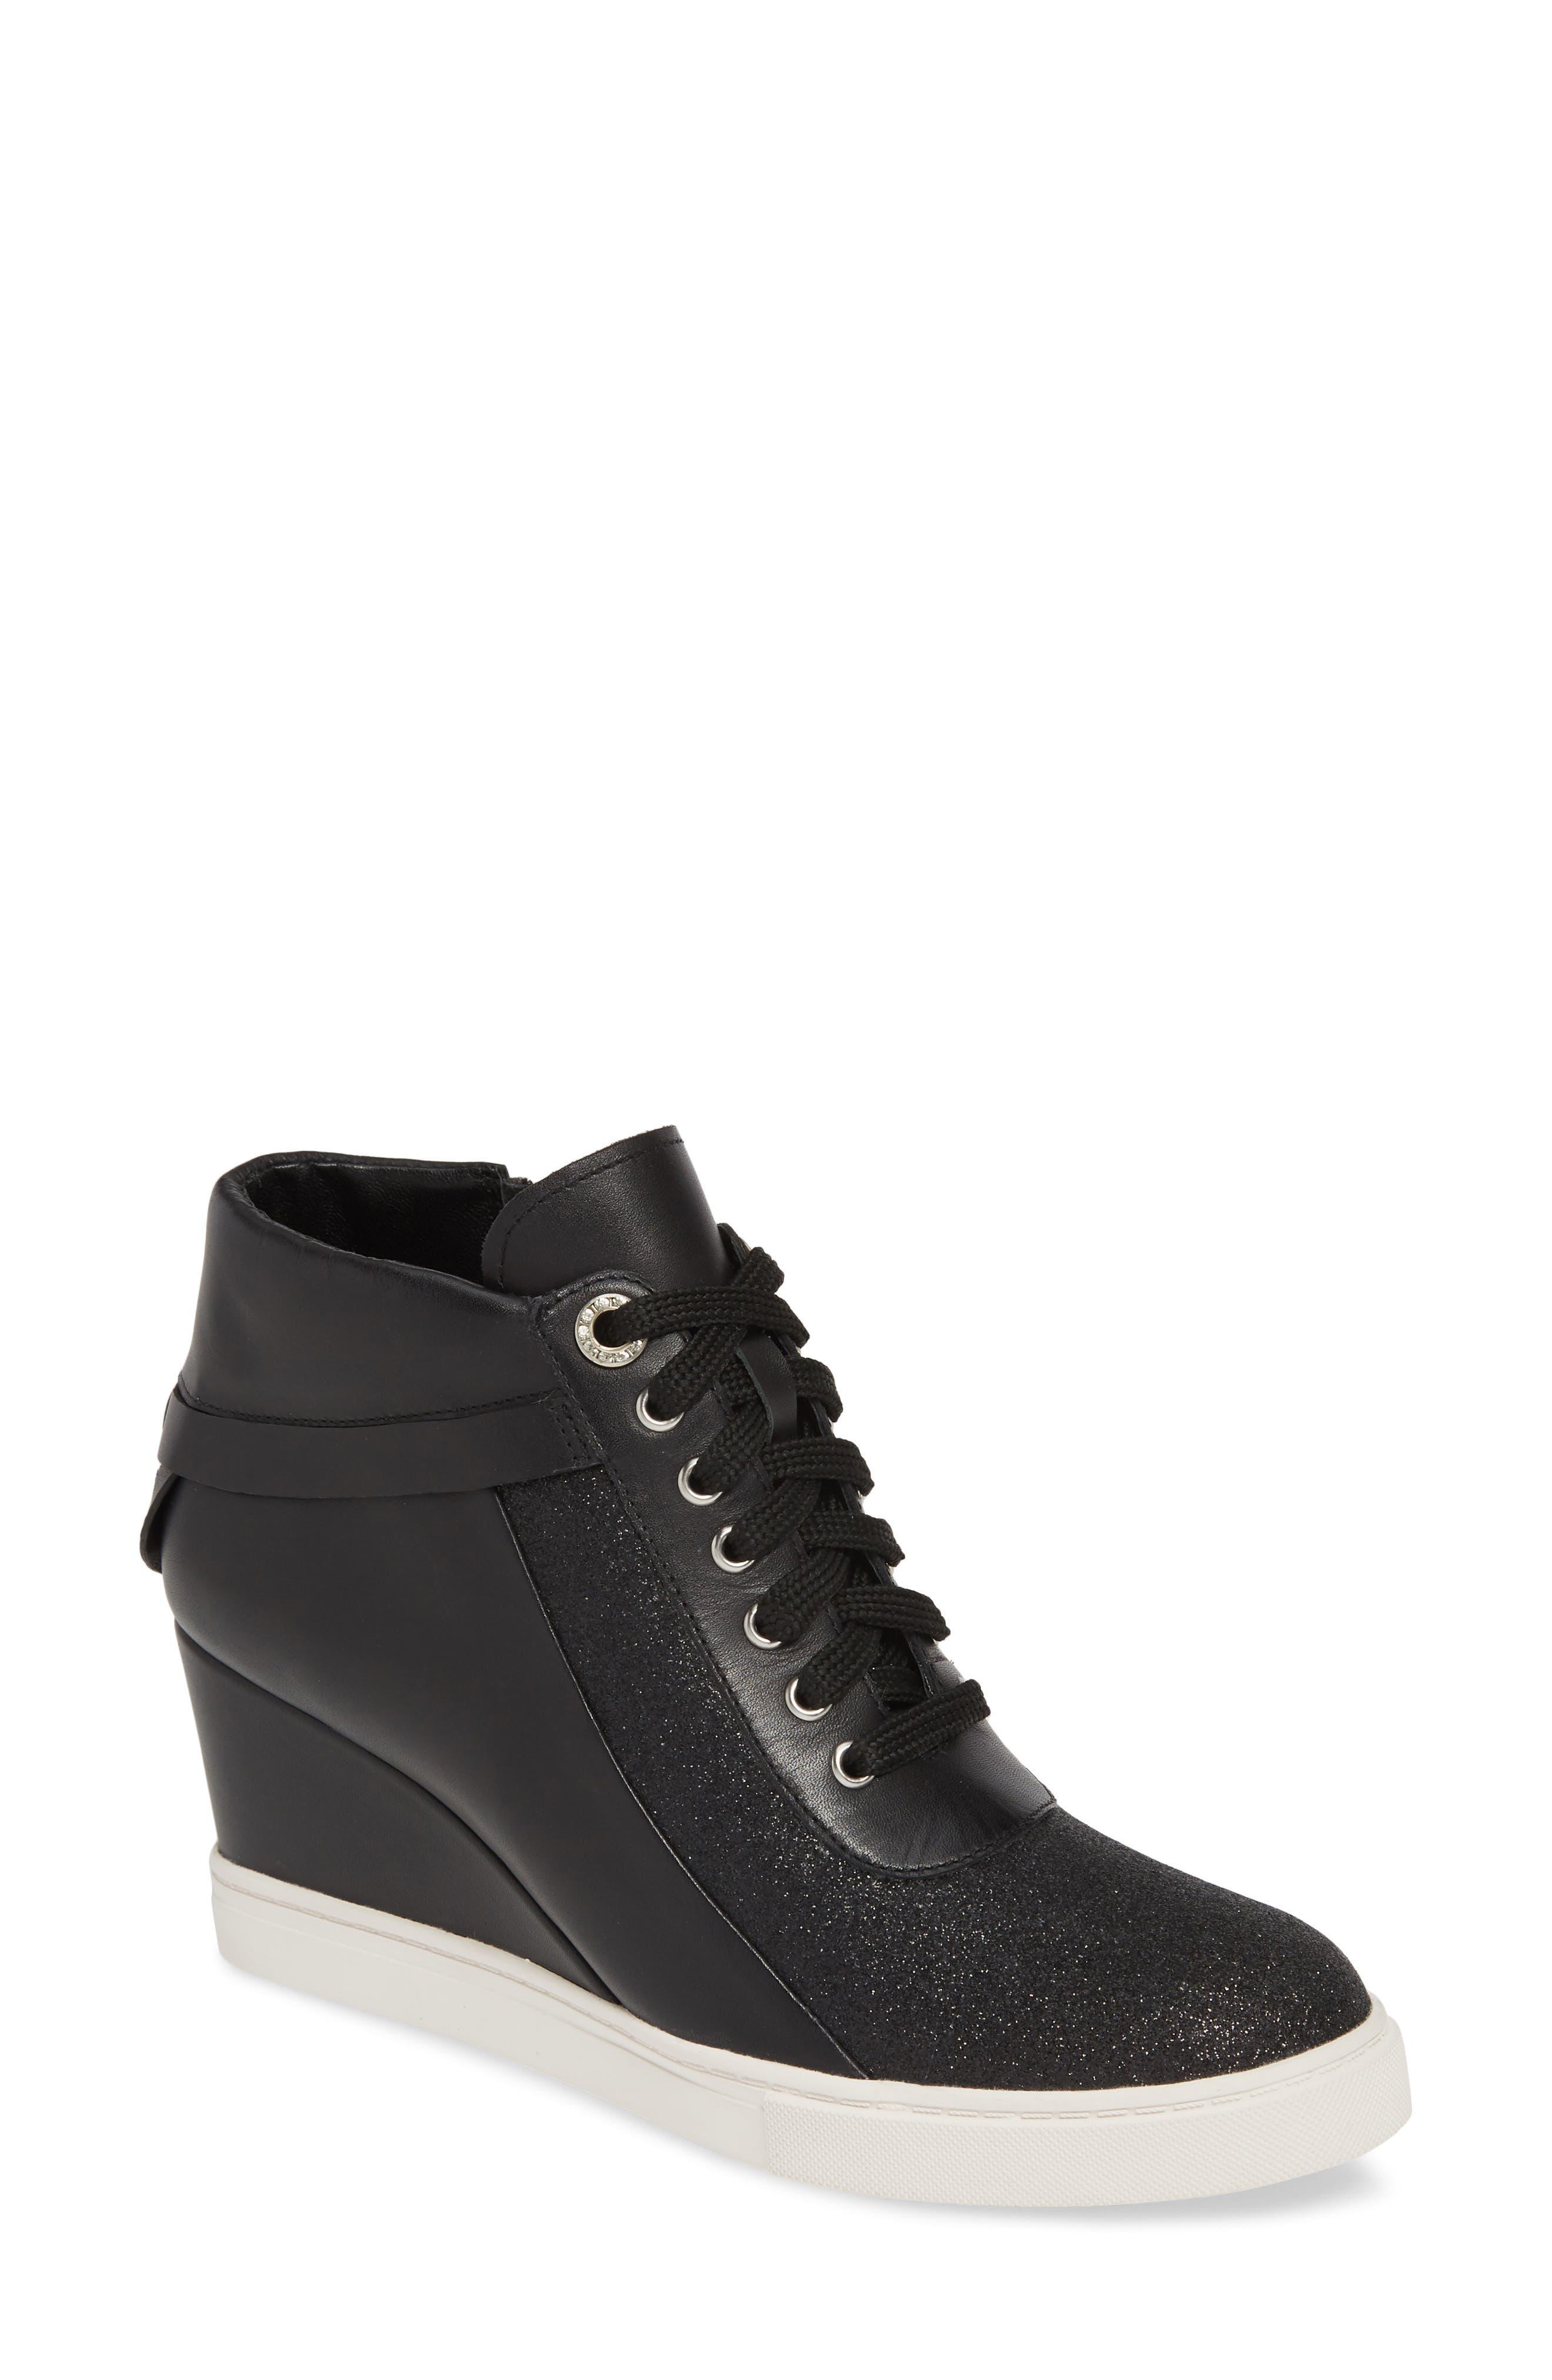 LINEA PAOLO Freja Wedge Sneaker, Main, color, BLACK GLISTEN LEATHER